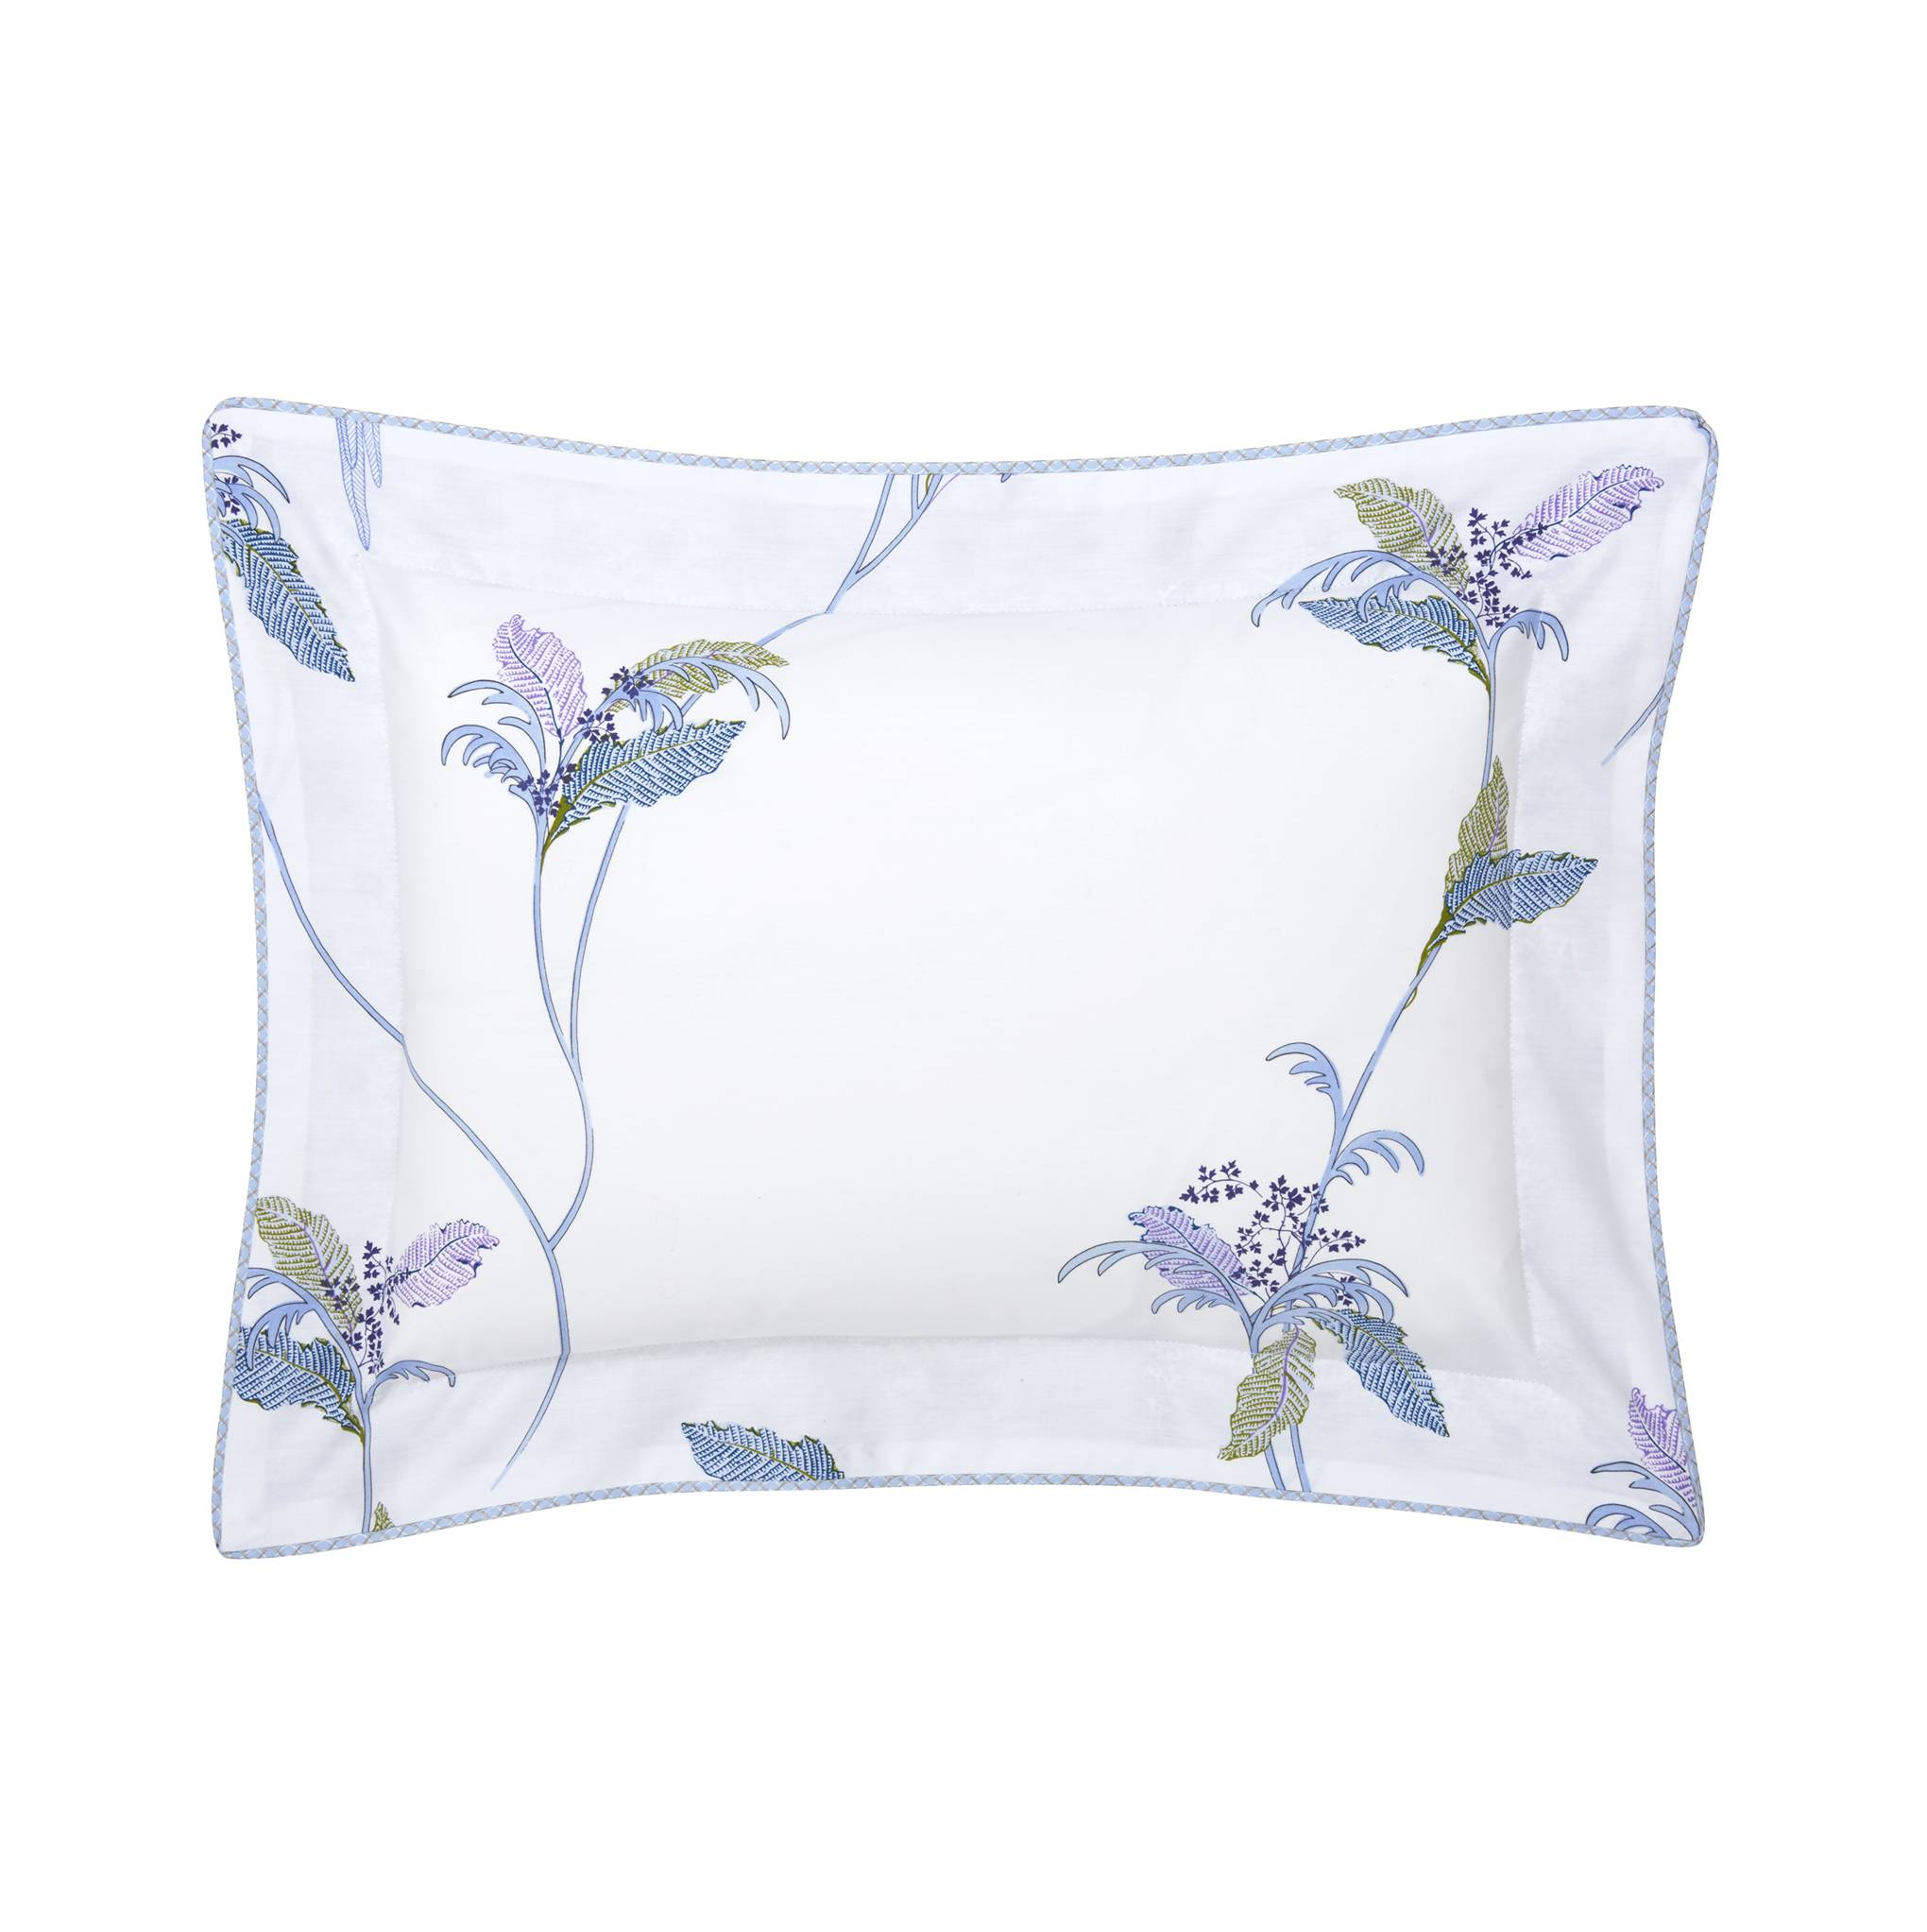 Shop Lavender Pillow Covers UK